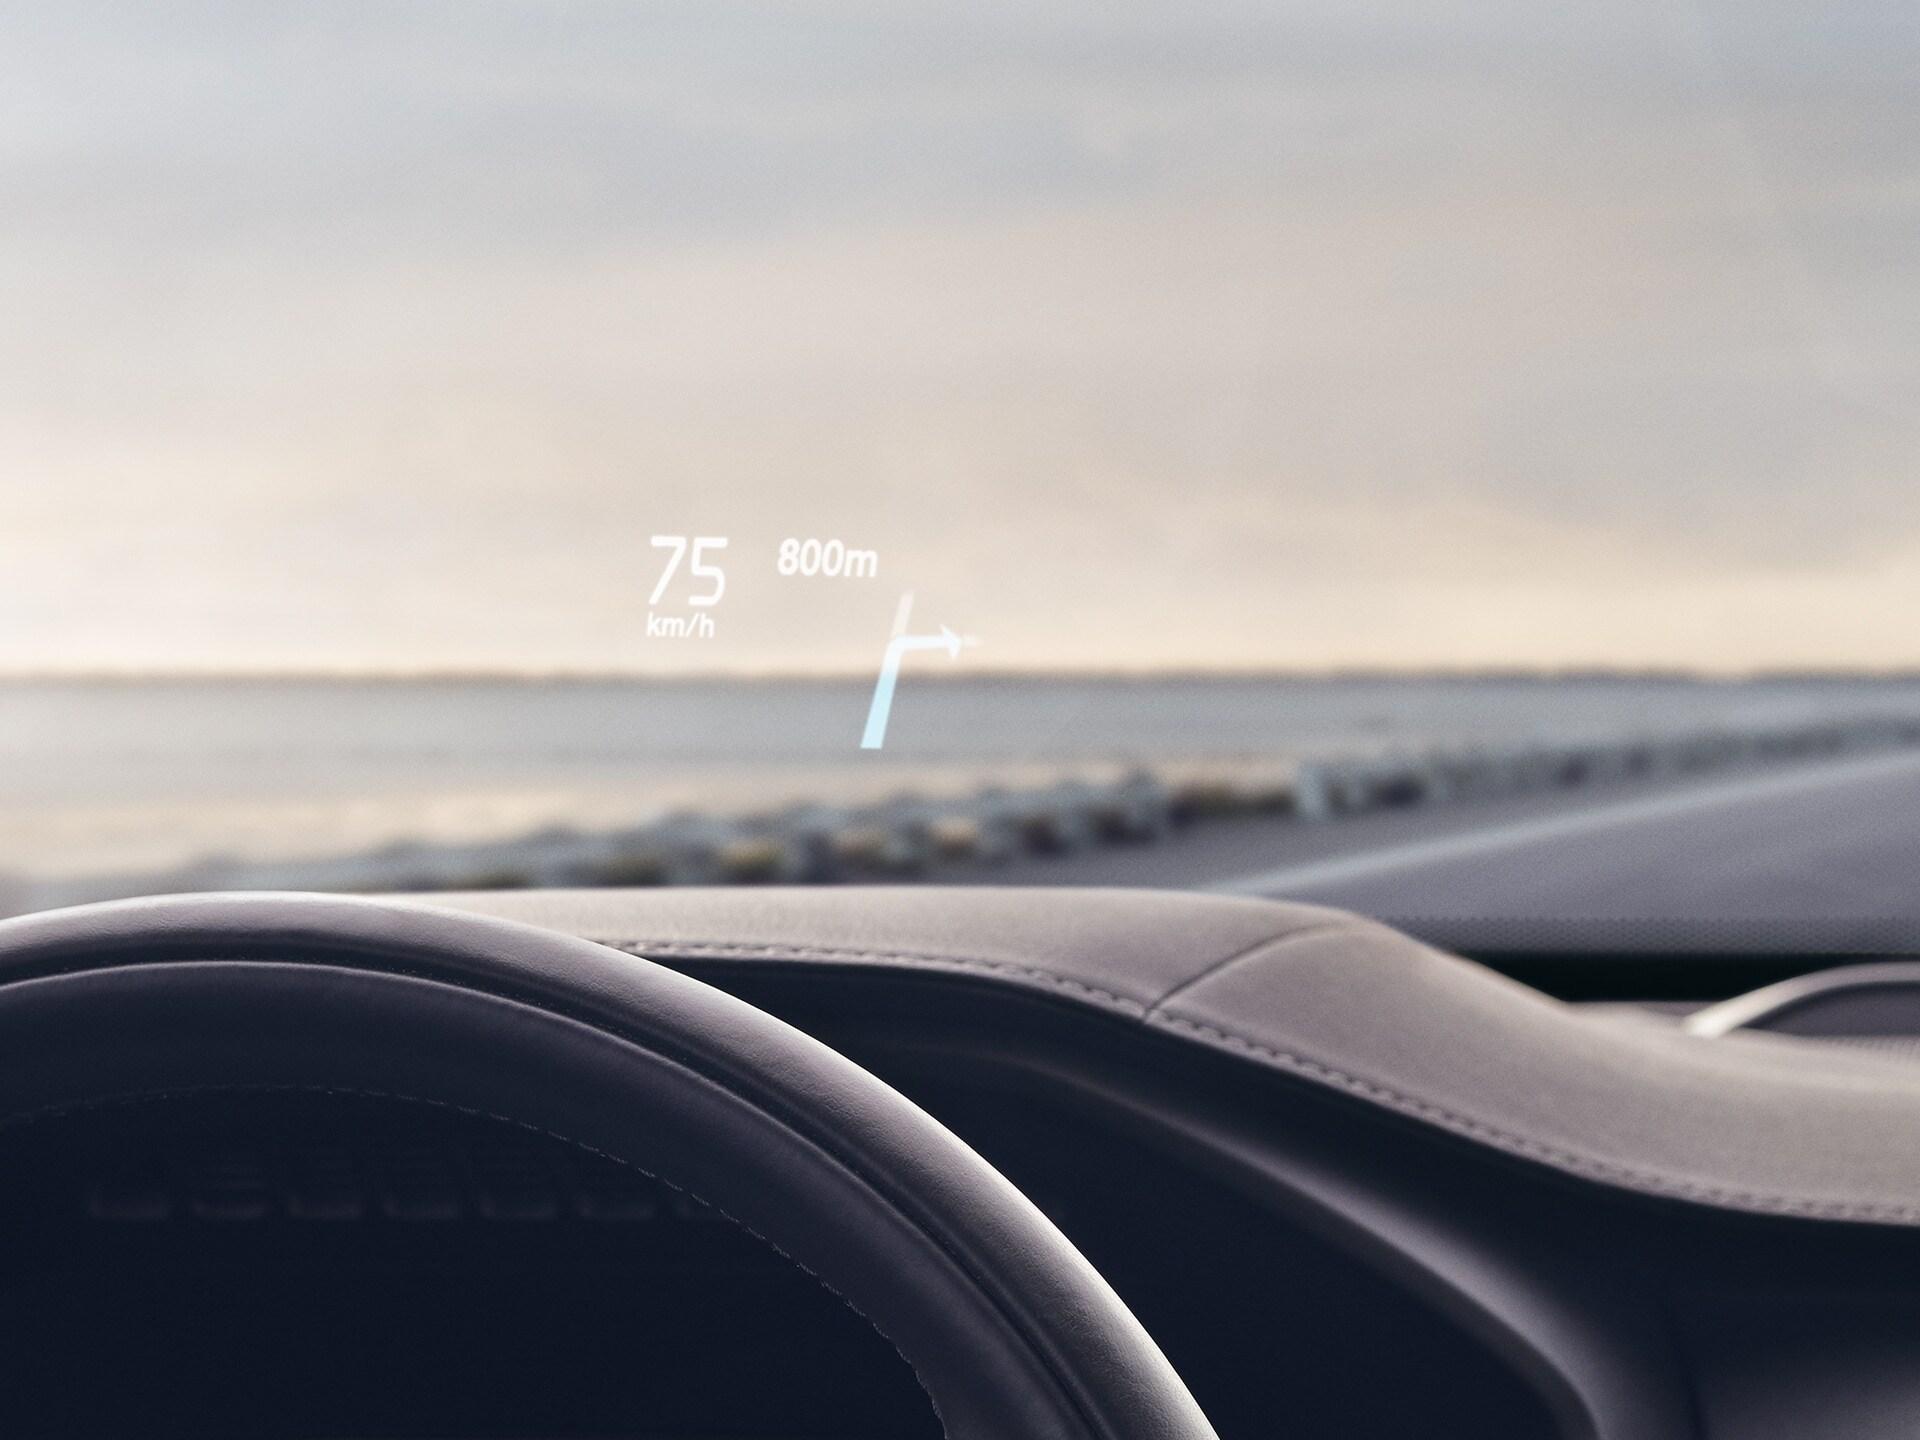 Innenraum eines Volvo, bei dem die Fahrgeschwindigkeit auf der Windschutzscheibe angezeigt wird